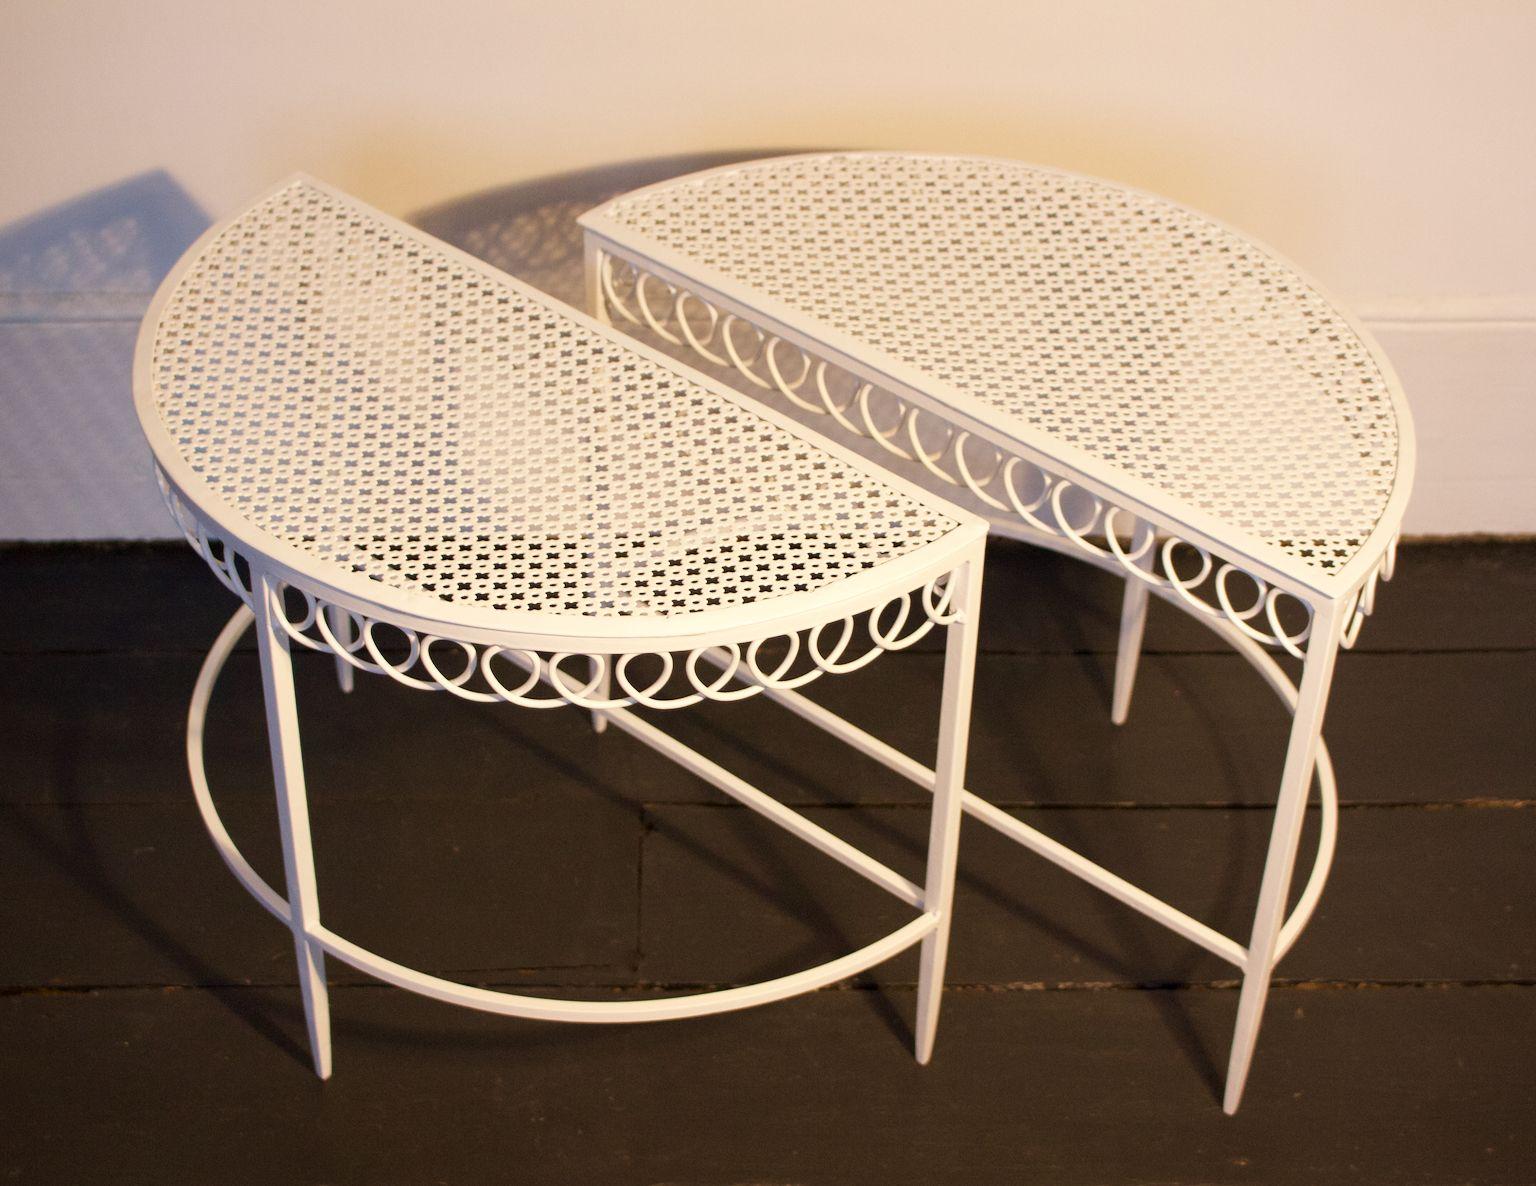 vintage halbmond tische von mathieu mat got 2er set bei. Black Bedroom Furniture Sets. Home Design Ideas